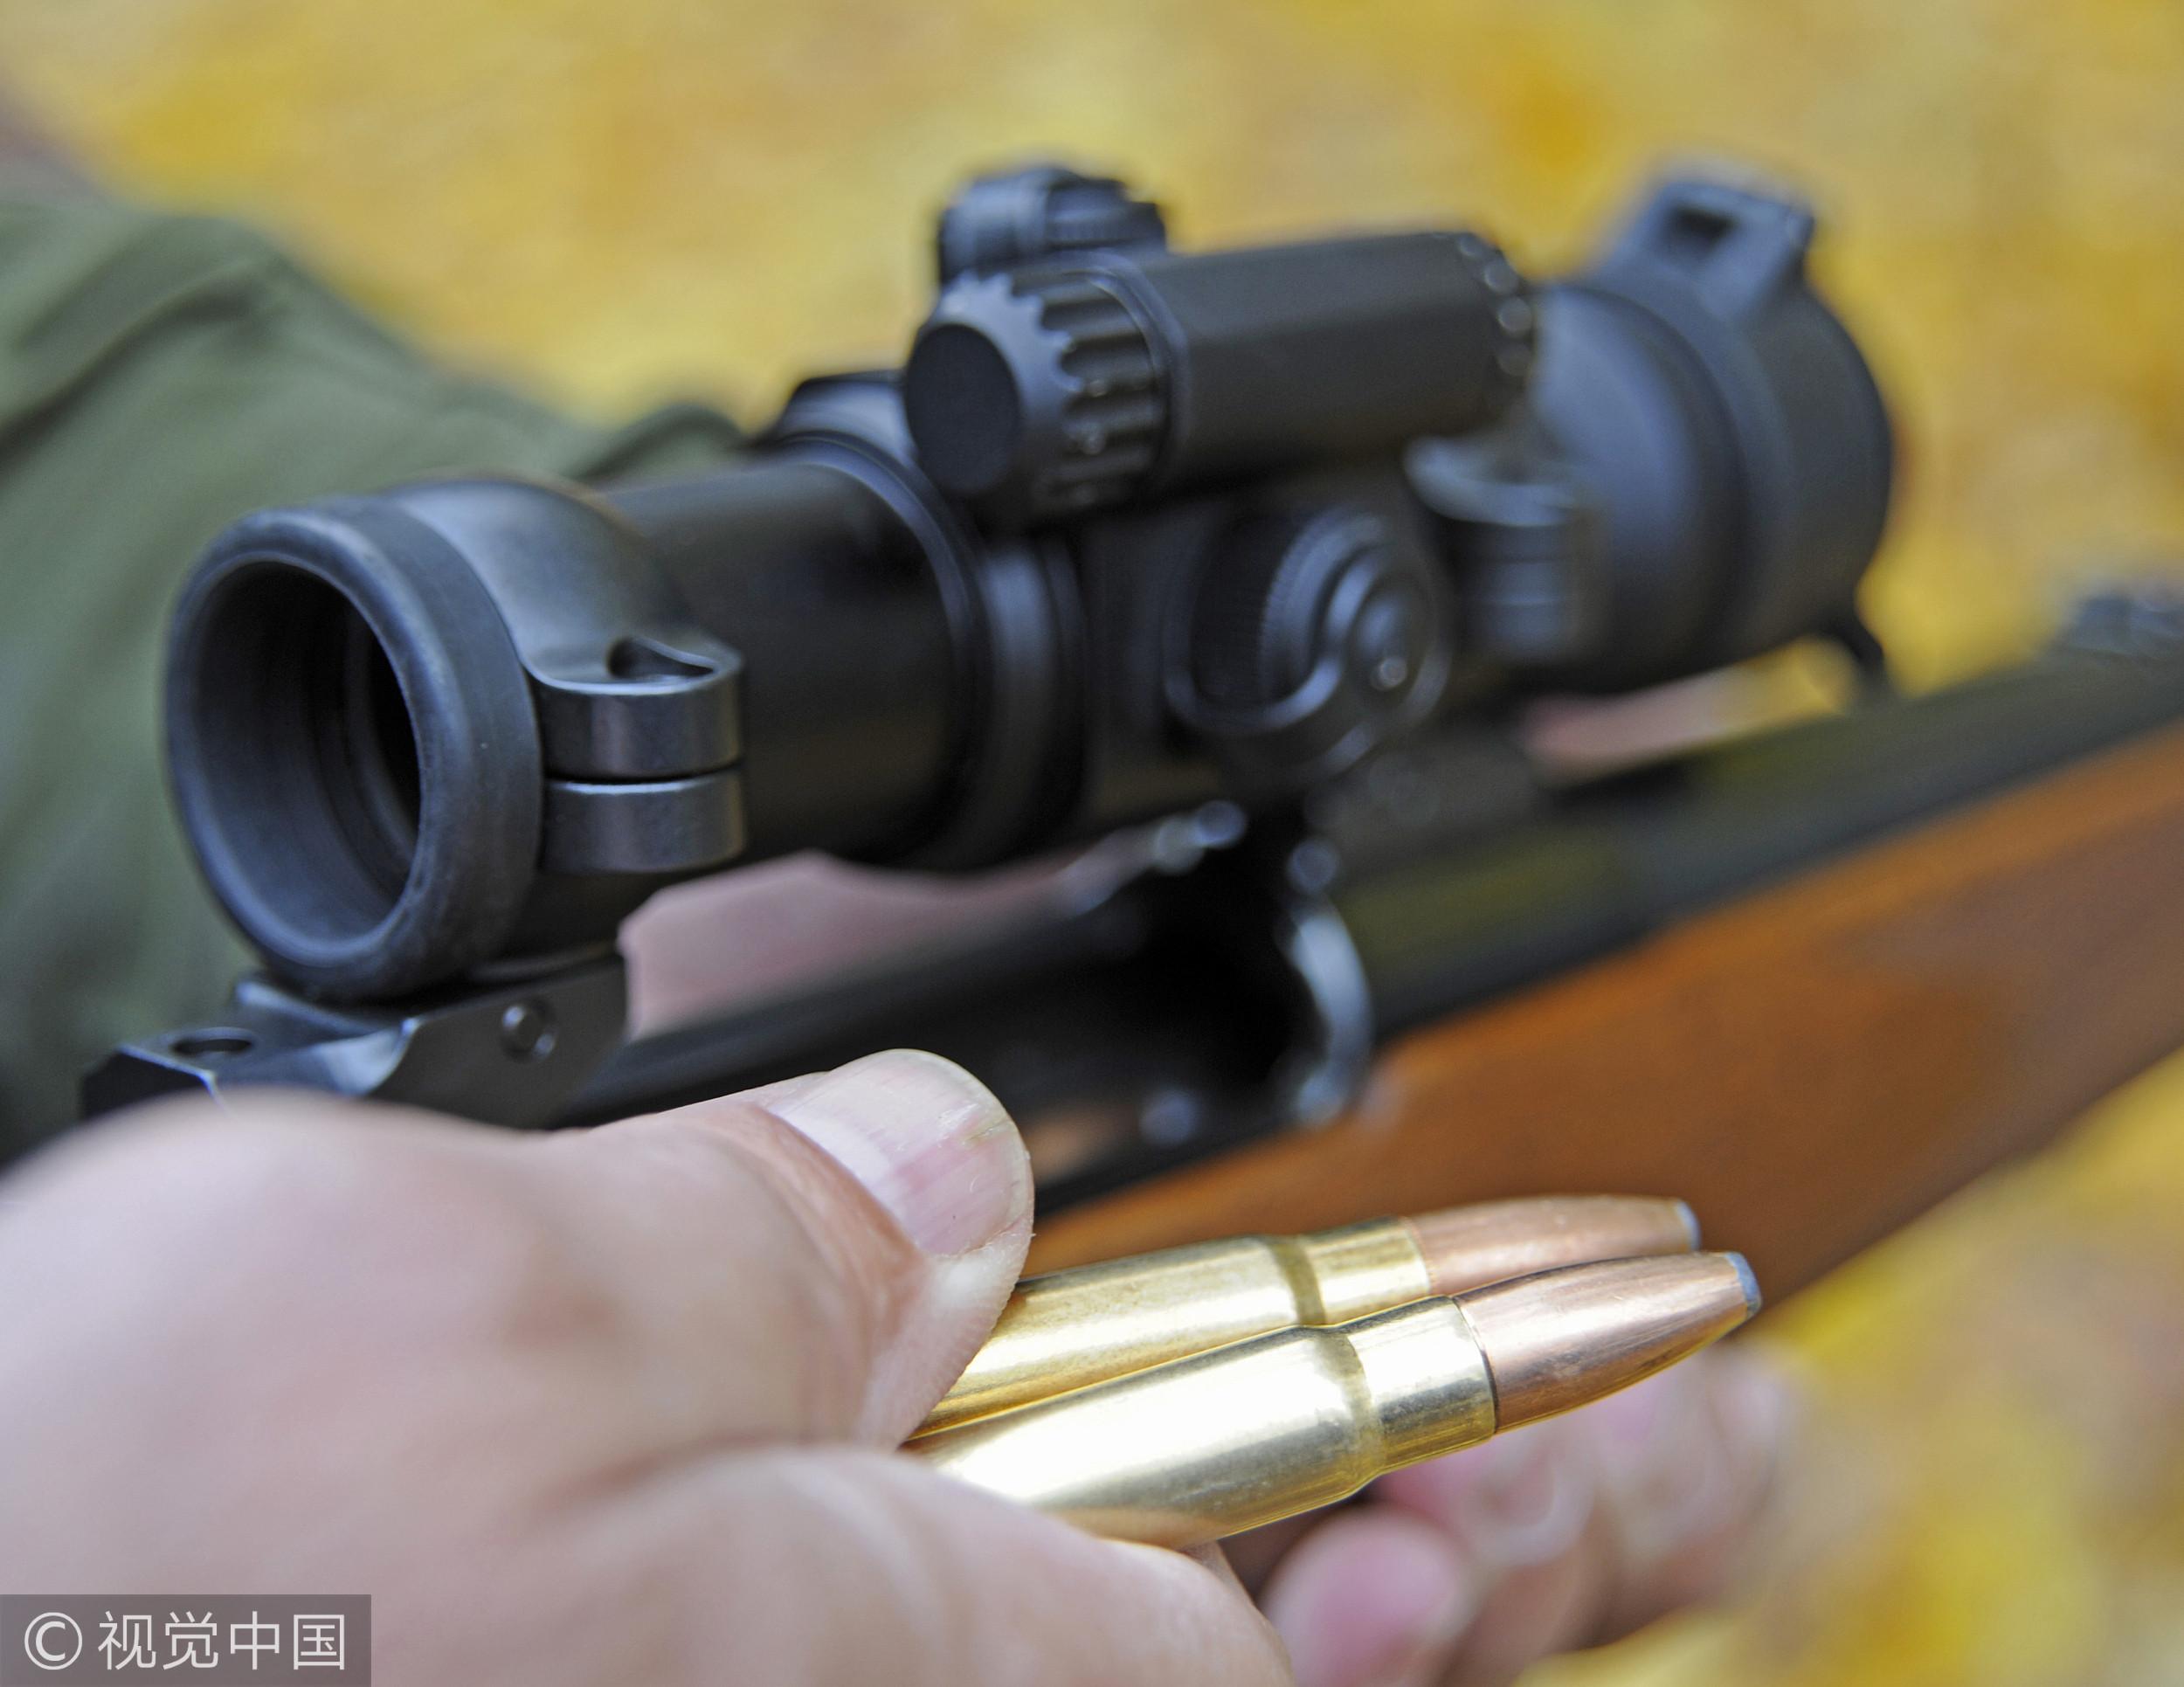 ▲打靶射擊靶場槍狙擊瞄準。(圖/視覺中國)